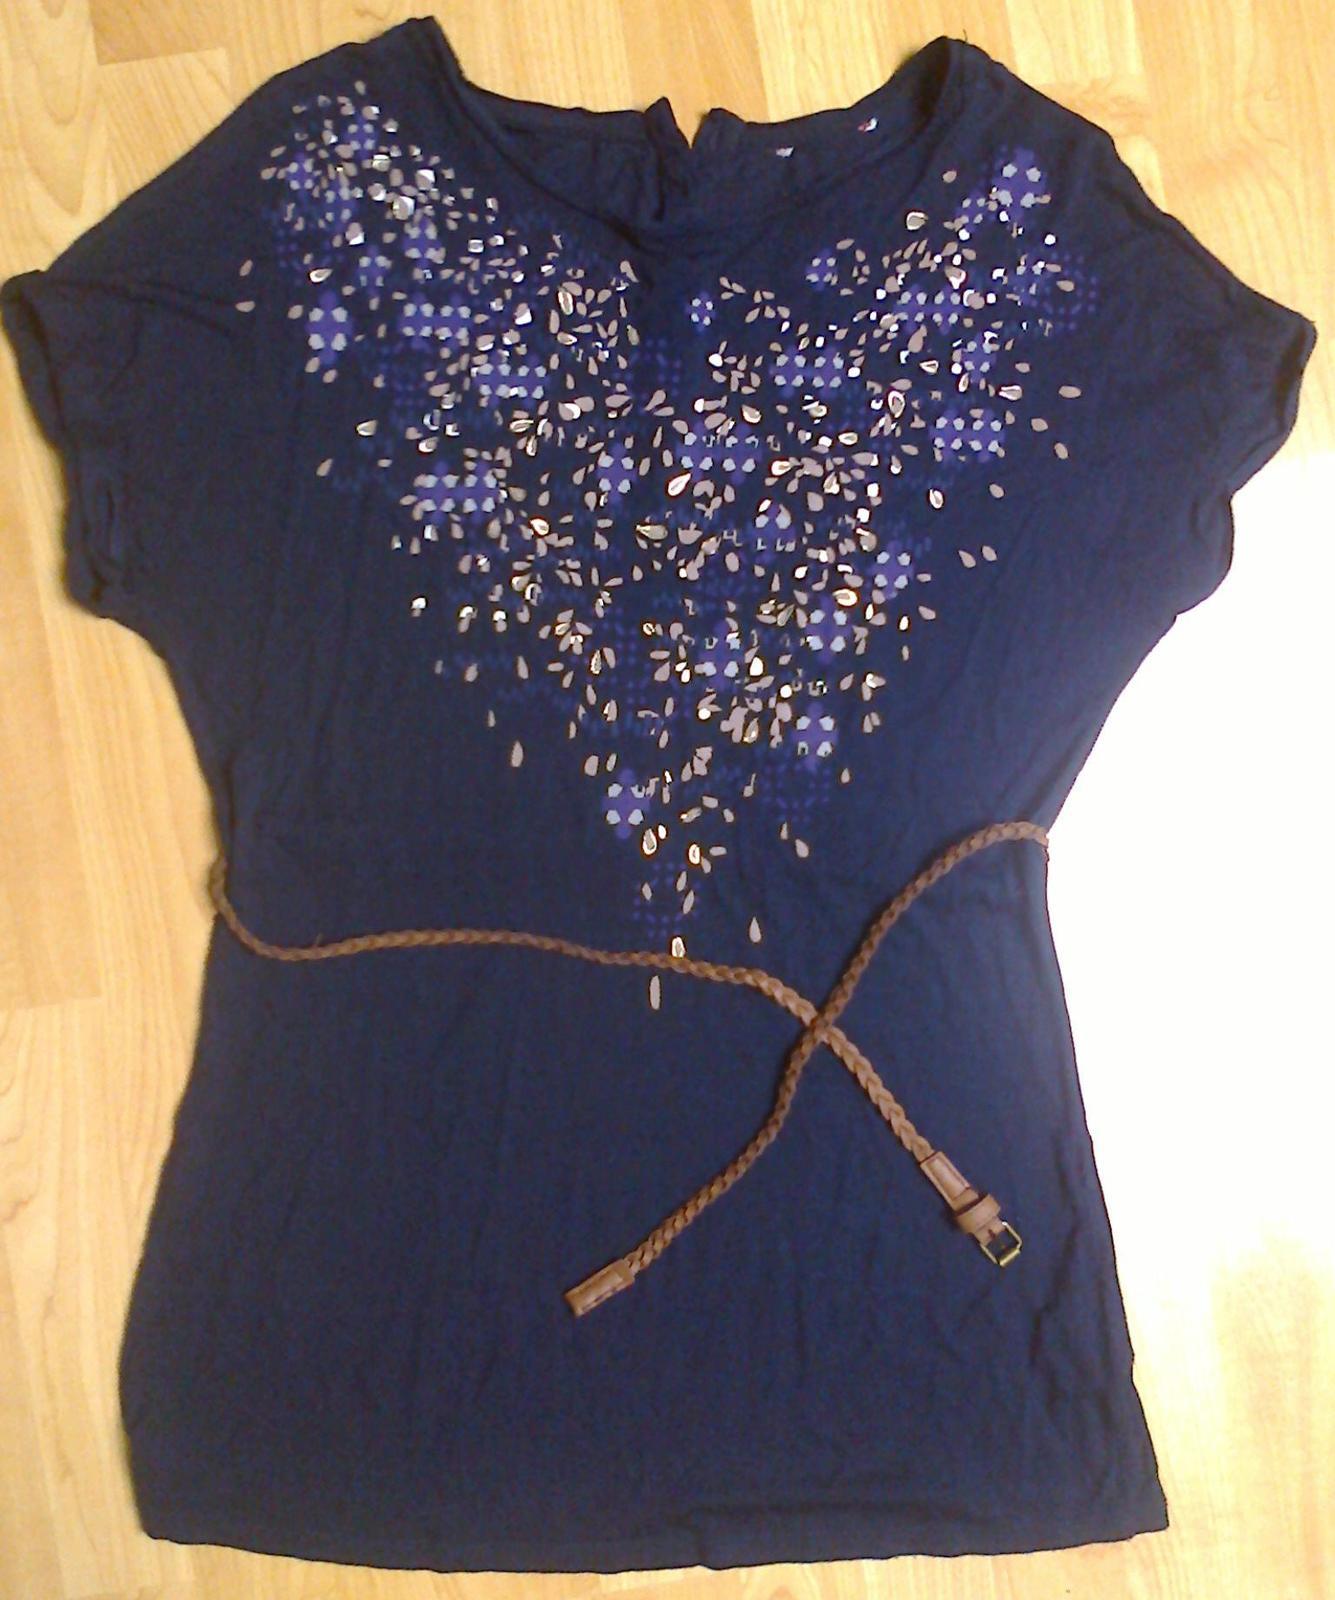 Tričko s opaskem  - Obrázek č. 1